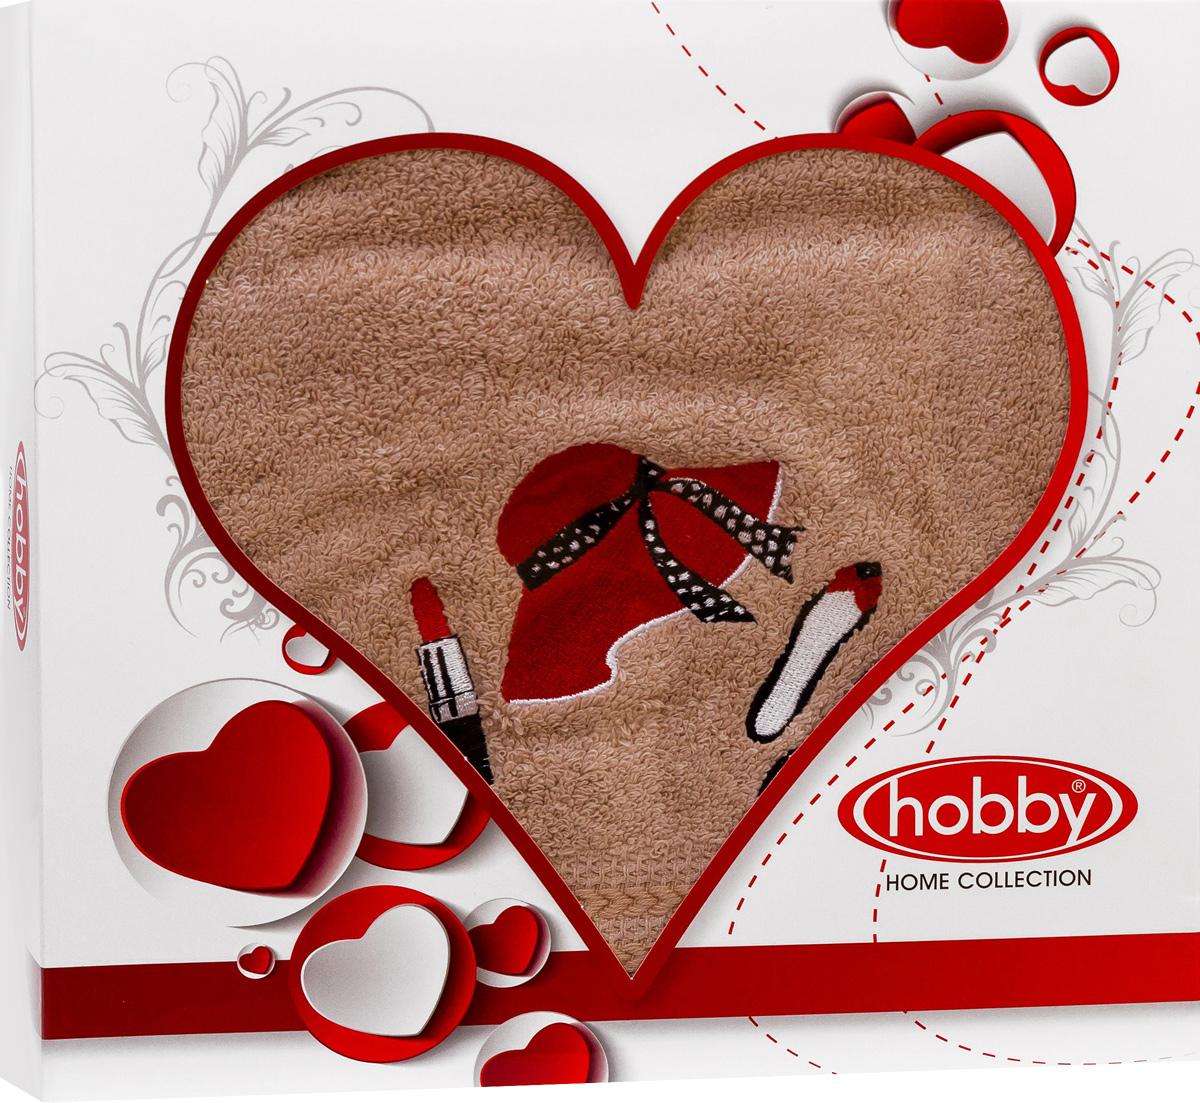 Полотенце Hobby Home Collection Love, 50 х 90 см. 15010005021501000502Полотенце Hobby Home Collection Love выполнено из 100% хлопка. Изделие отлично впитывает влагу, быстро сохнет, сохраняет яркость цвета и не теряет форму даже после многократных стирок. Такое полотенце очень практично и неприхотливо в уходе. А простой, но стильный дизайн полотенца позволит ему вписаться даже в классический интерьер ванной комнаты.